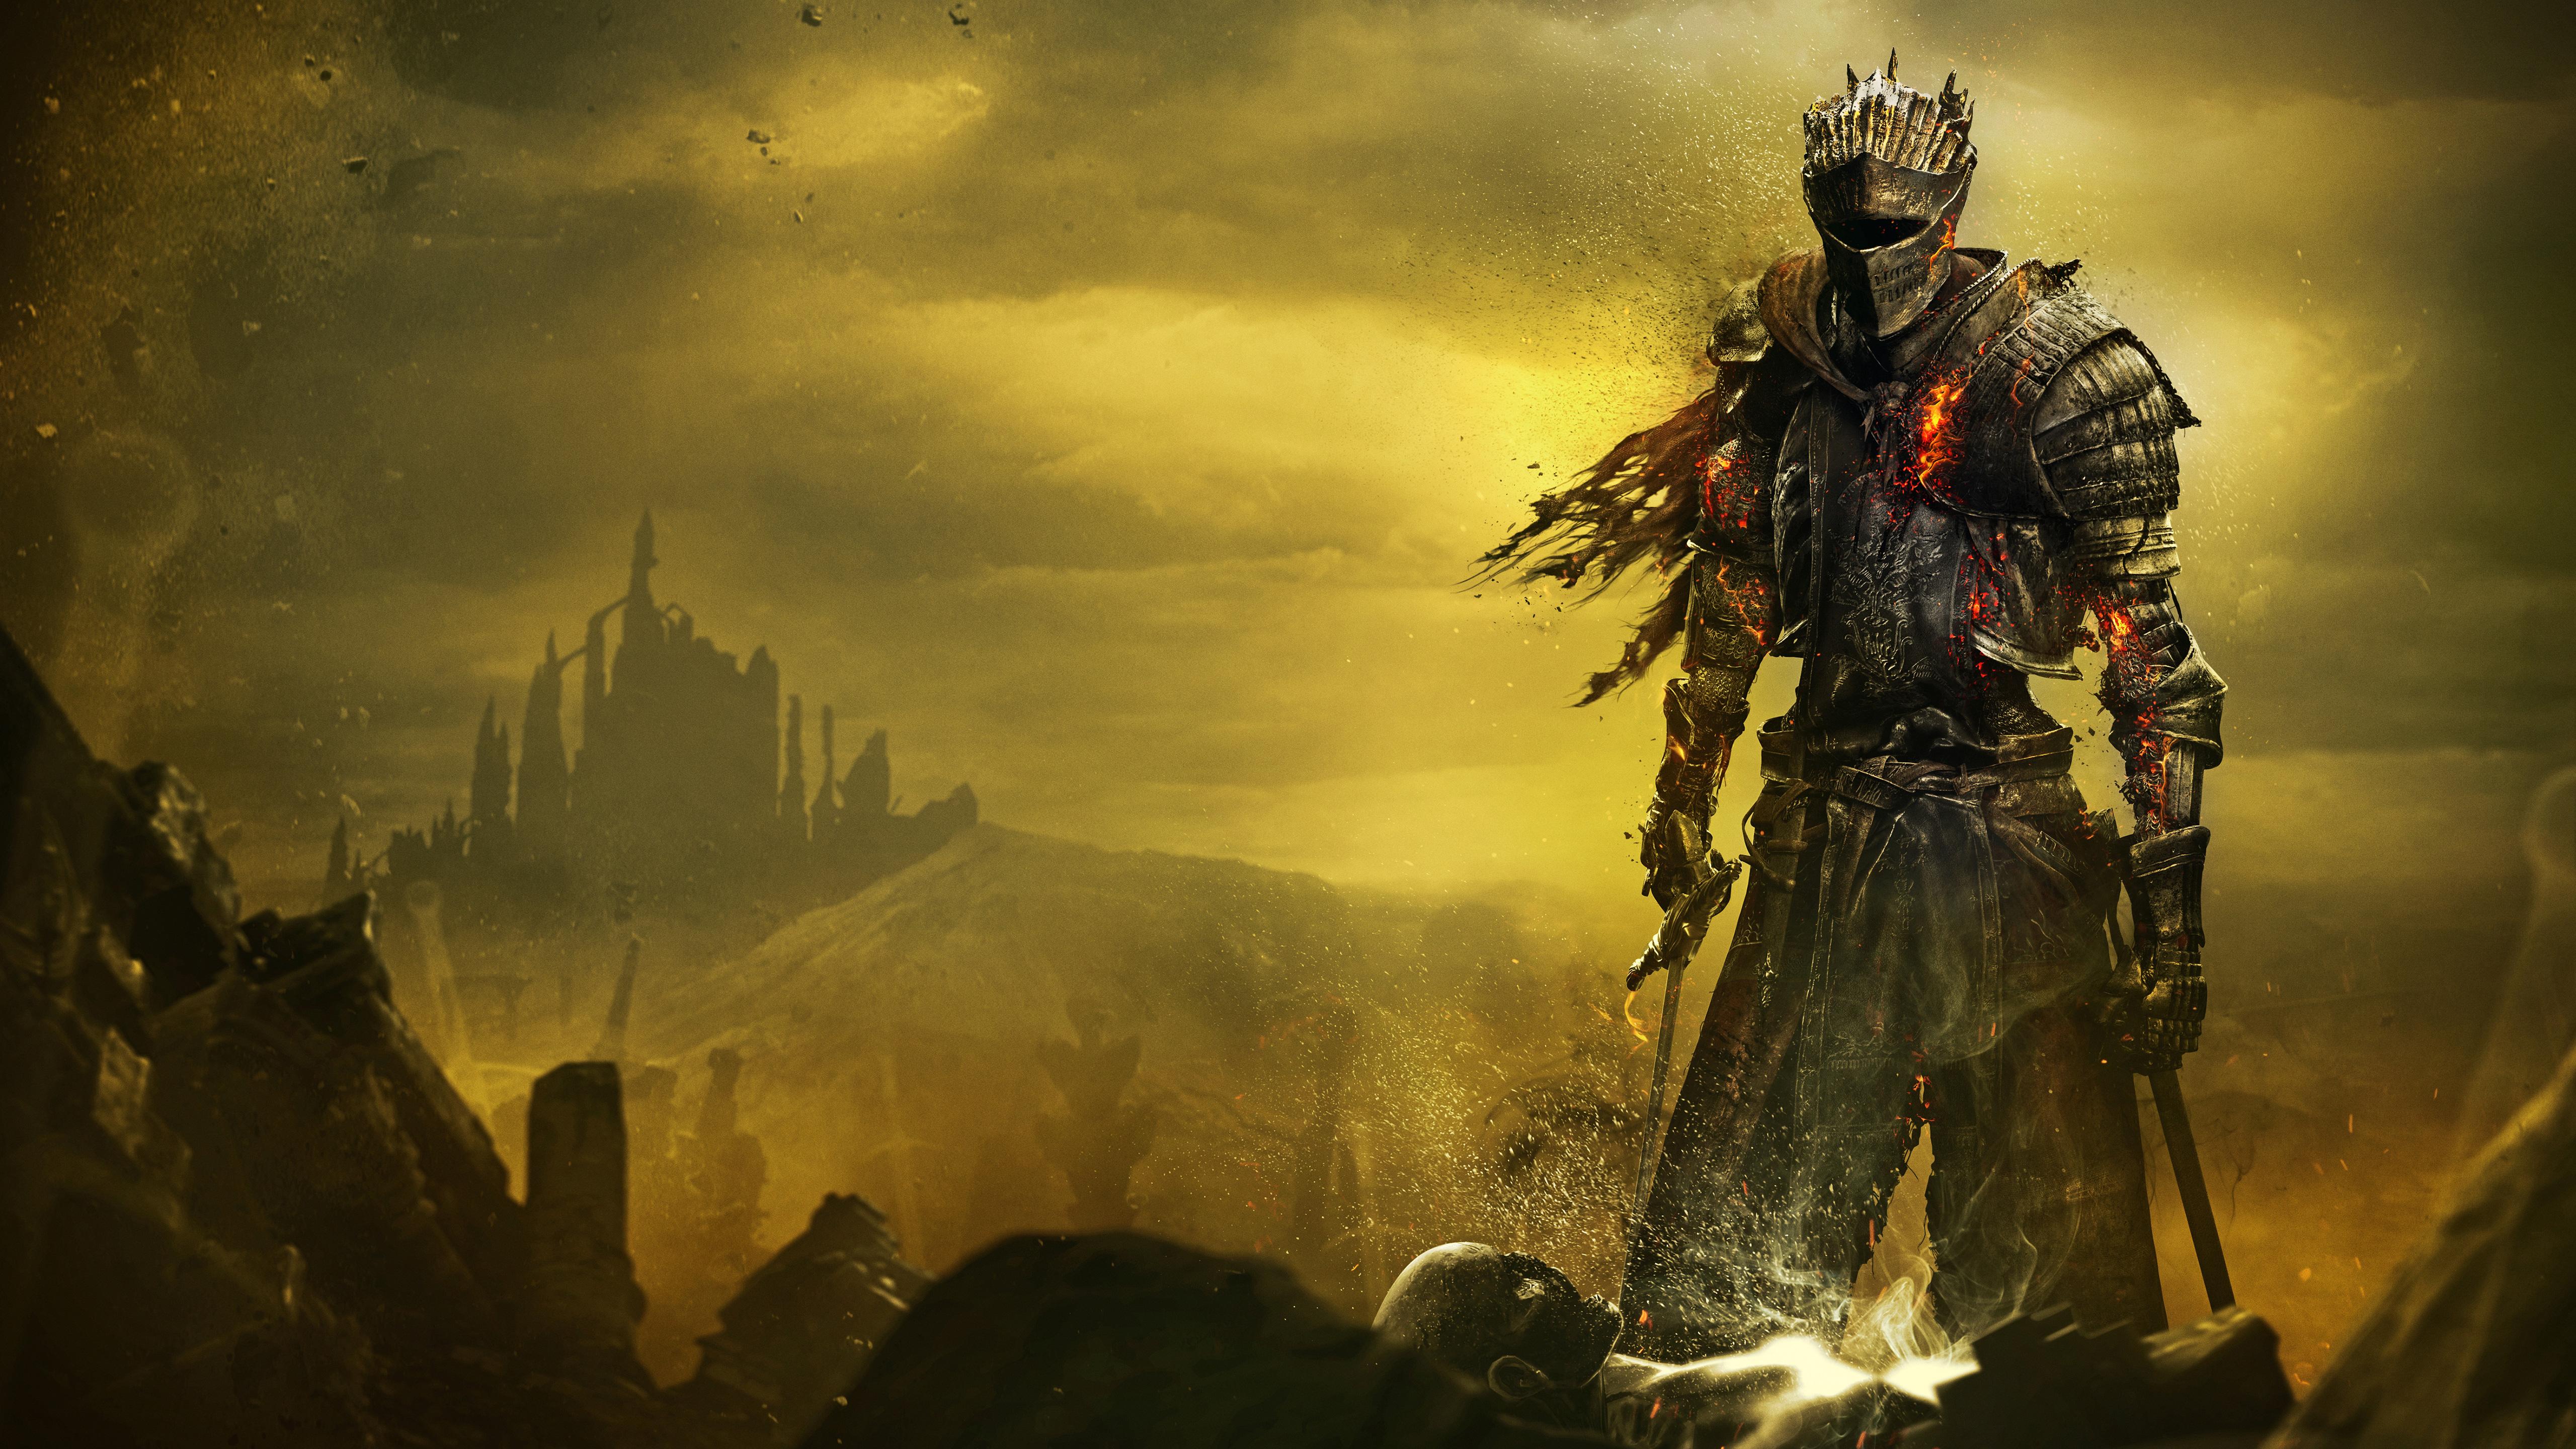 Dark Souls 3 Cinder 5k